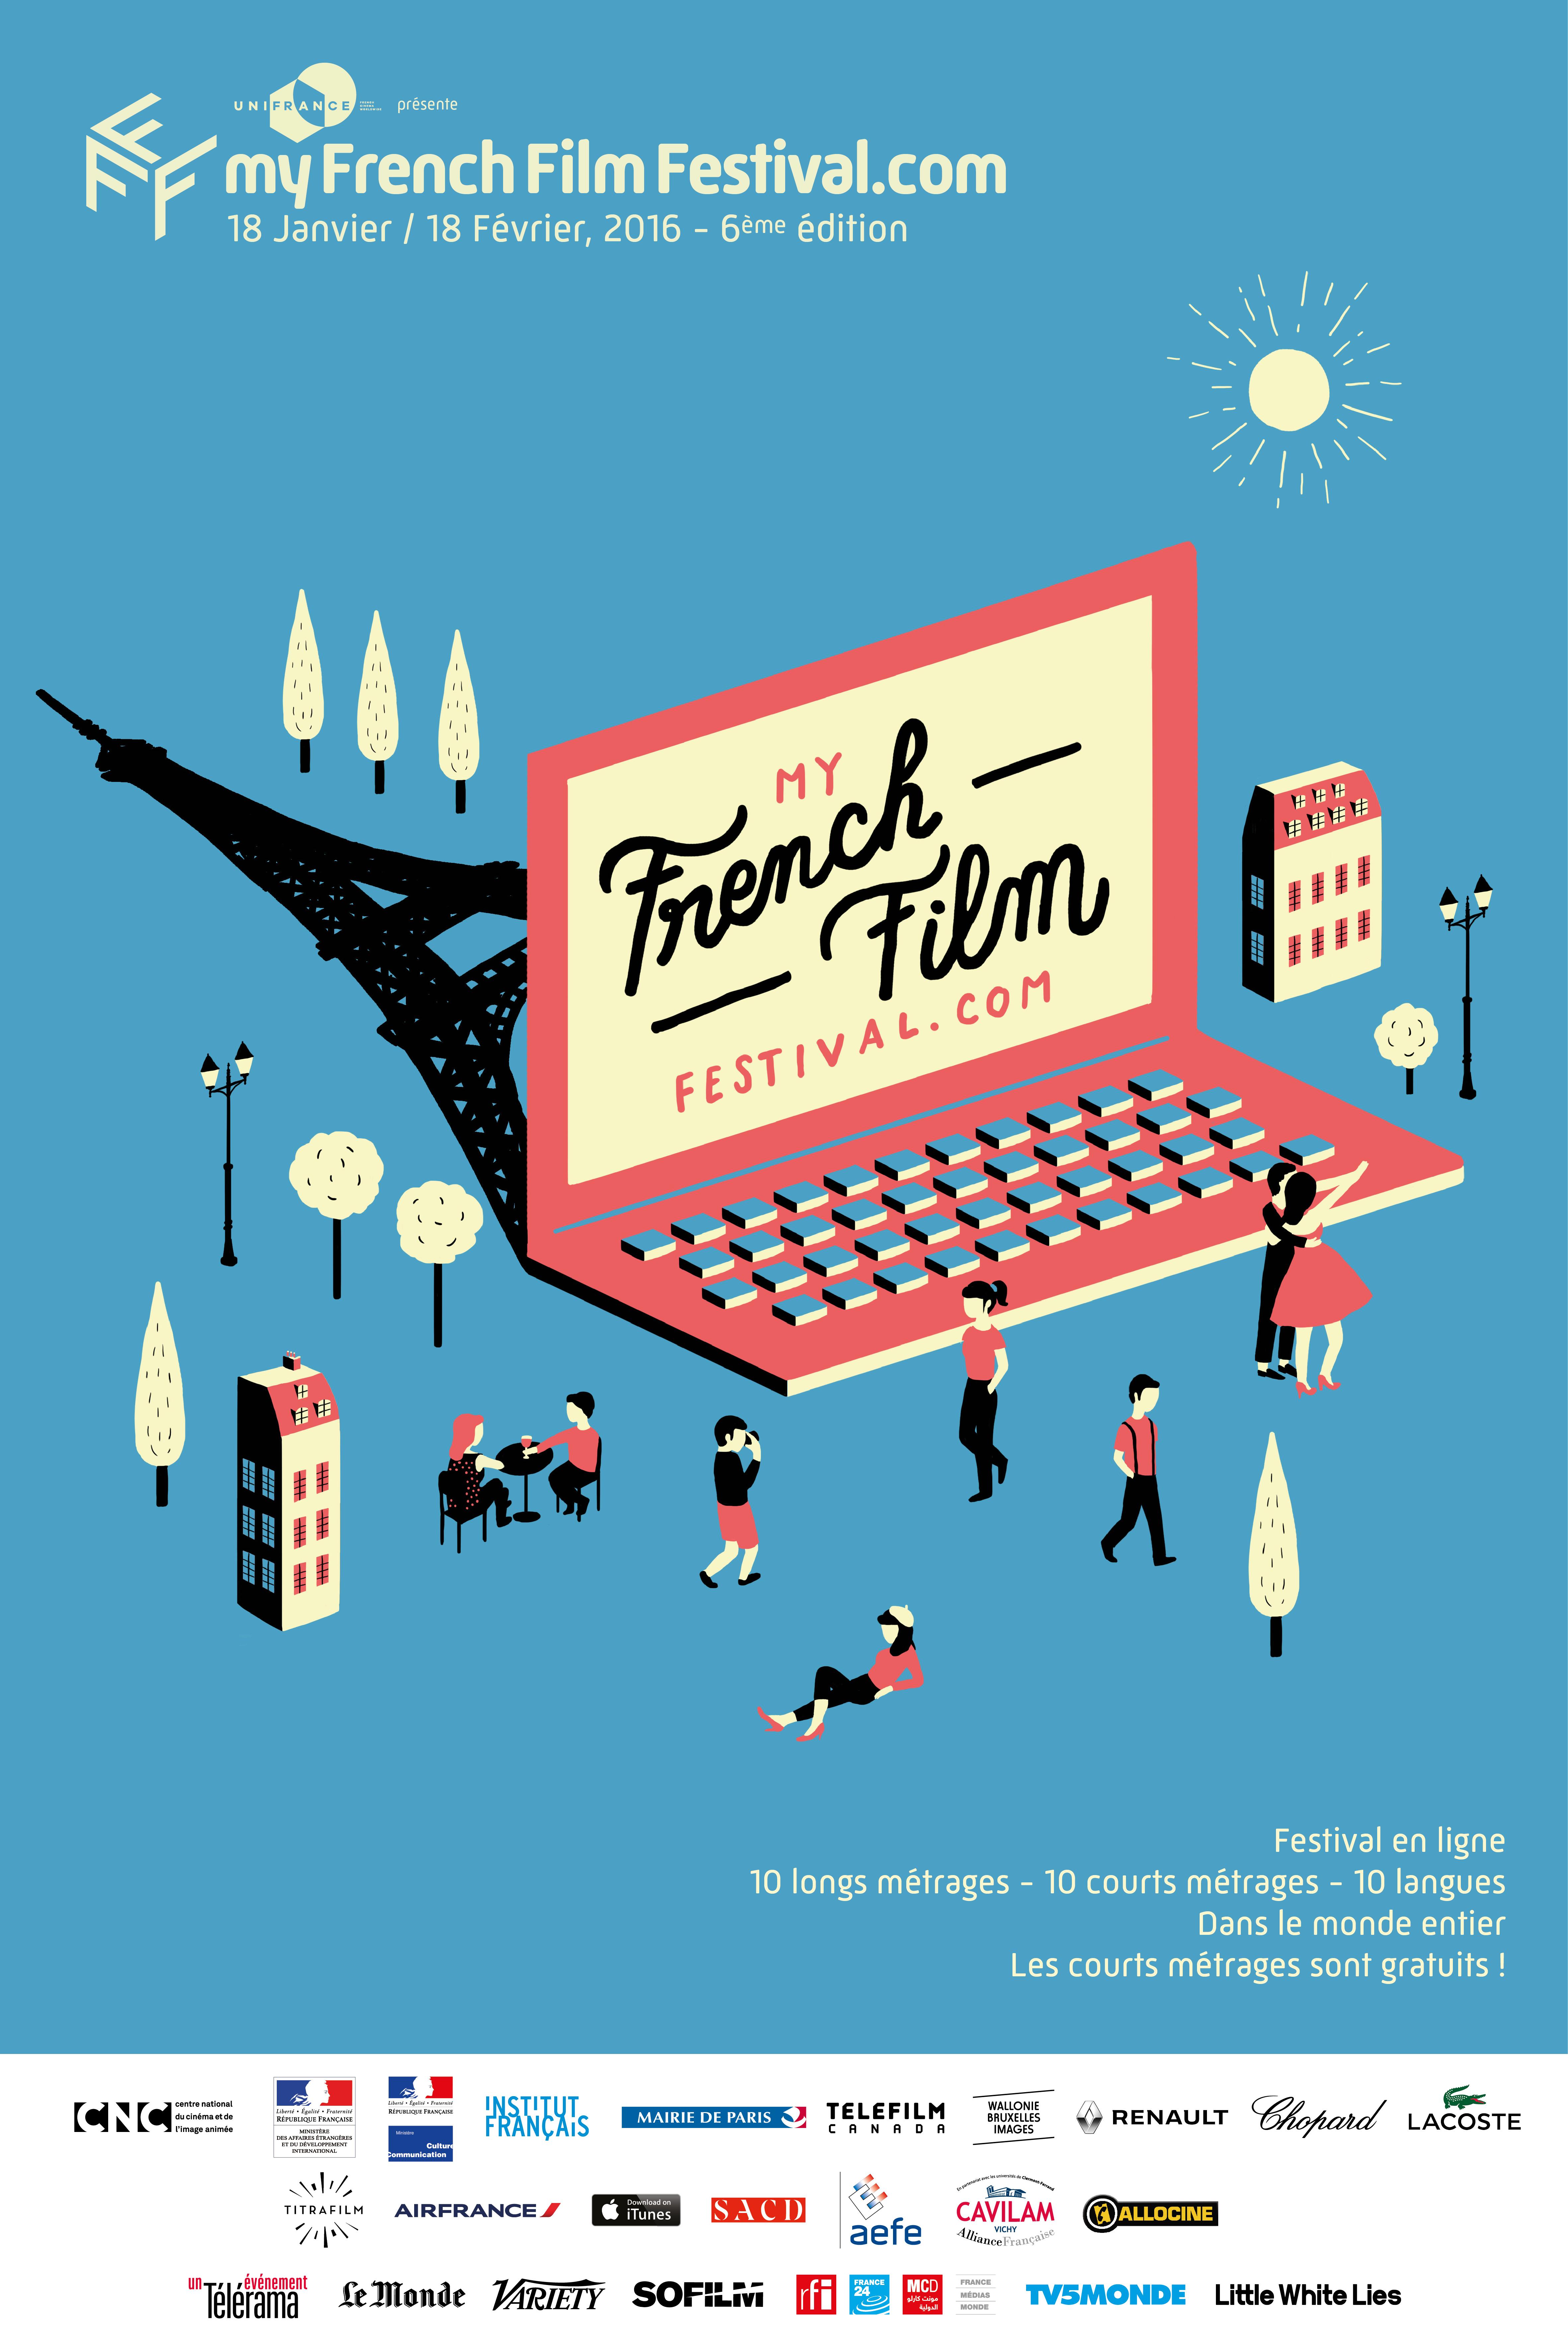 L'affiche de la 6e édition de MyFrenchFilmFestival.com